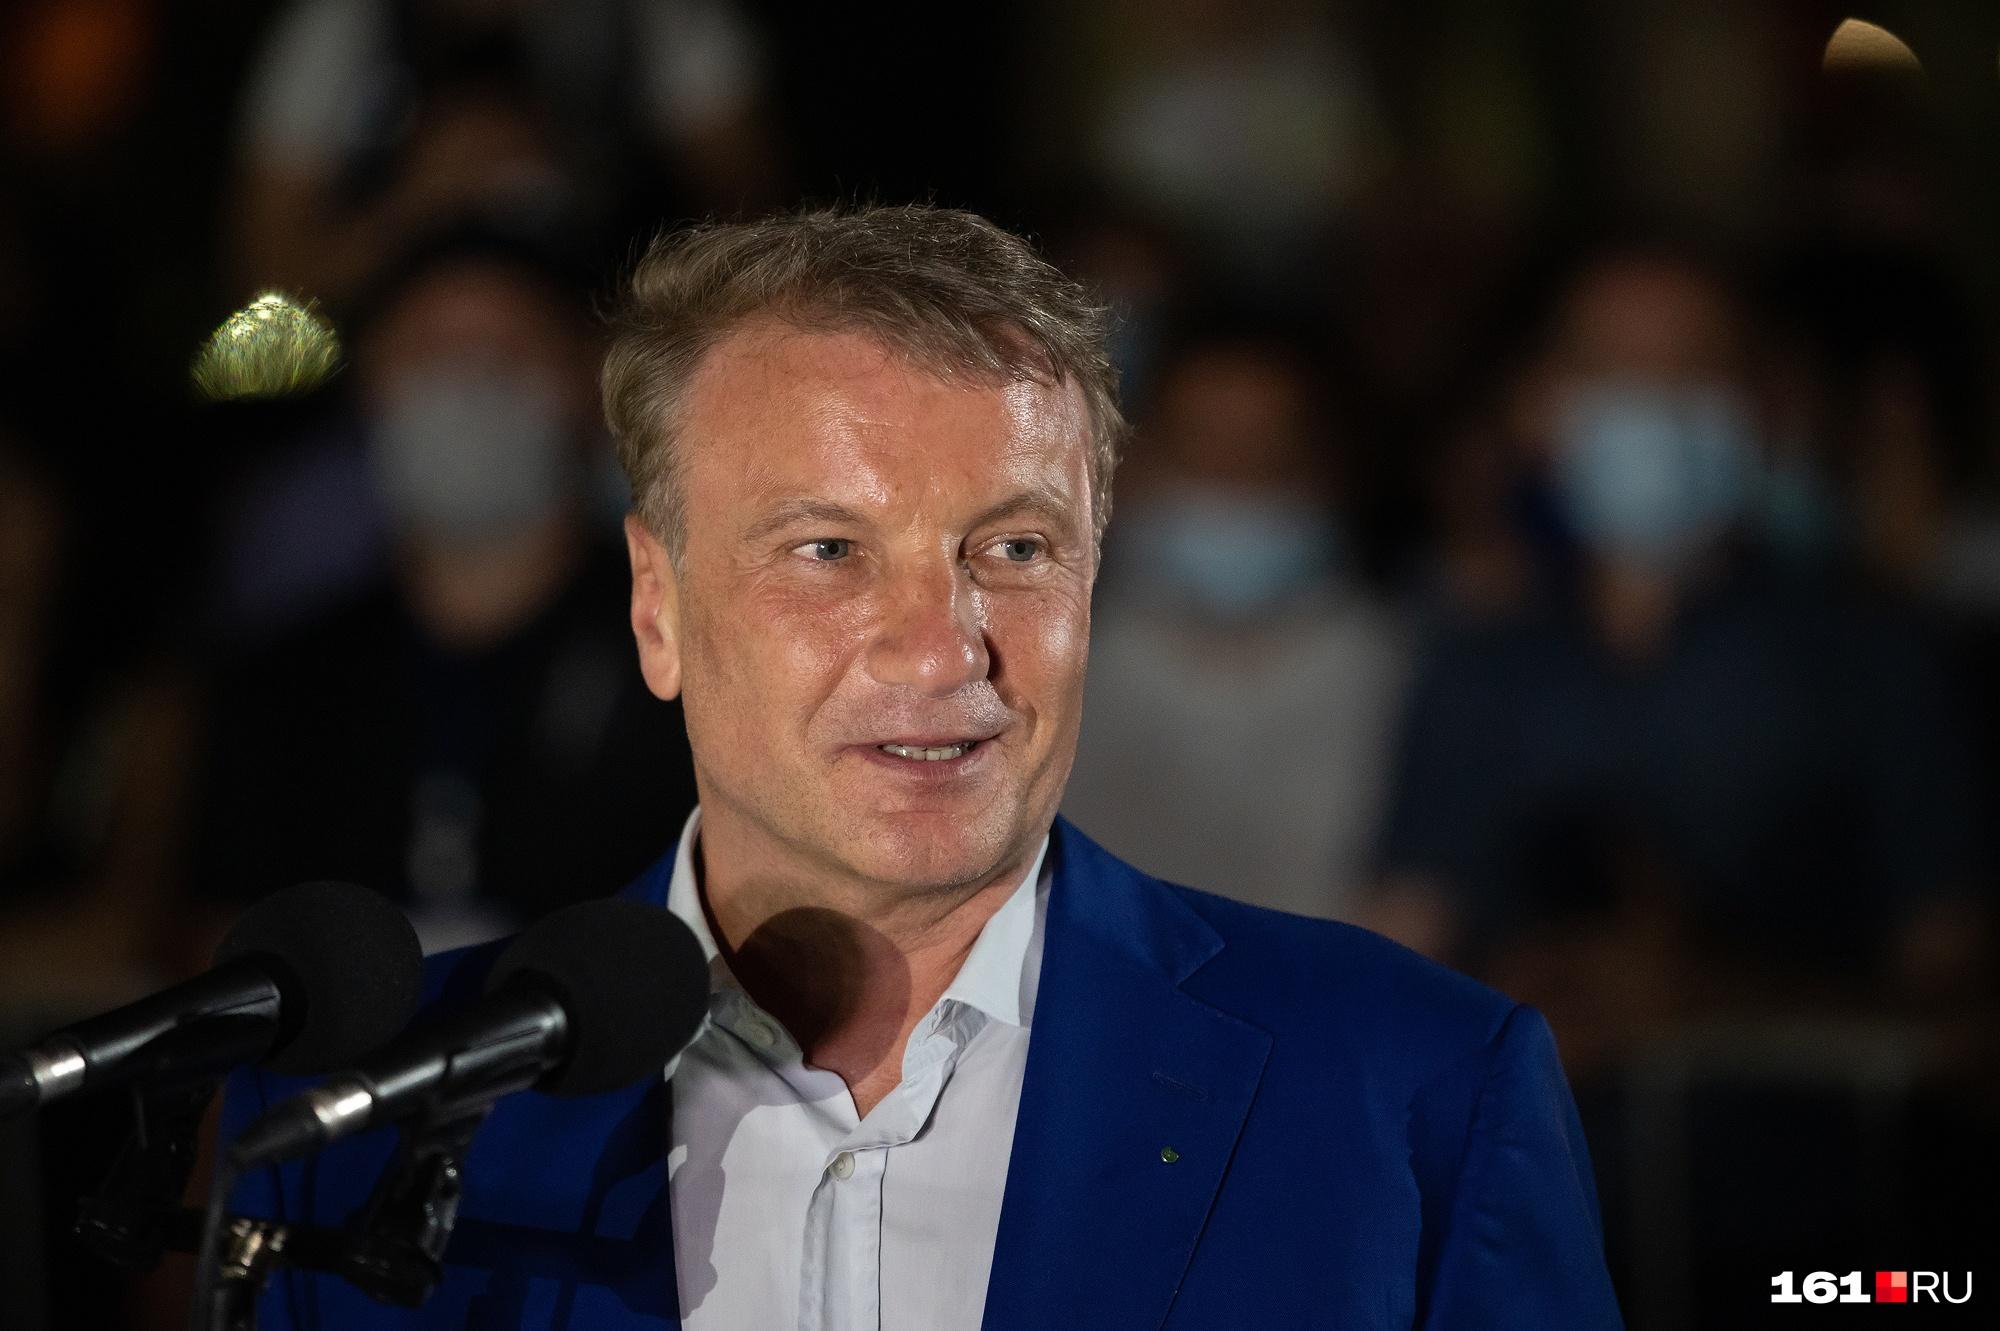 На открытие приехал Герман Греф — президент и председатель правления финансовой организации